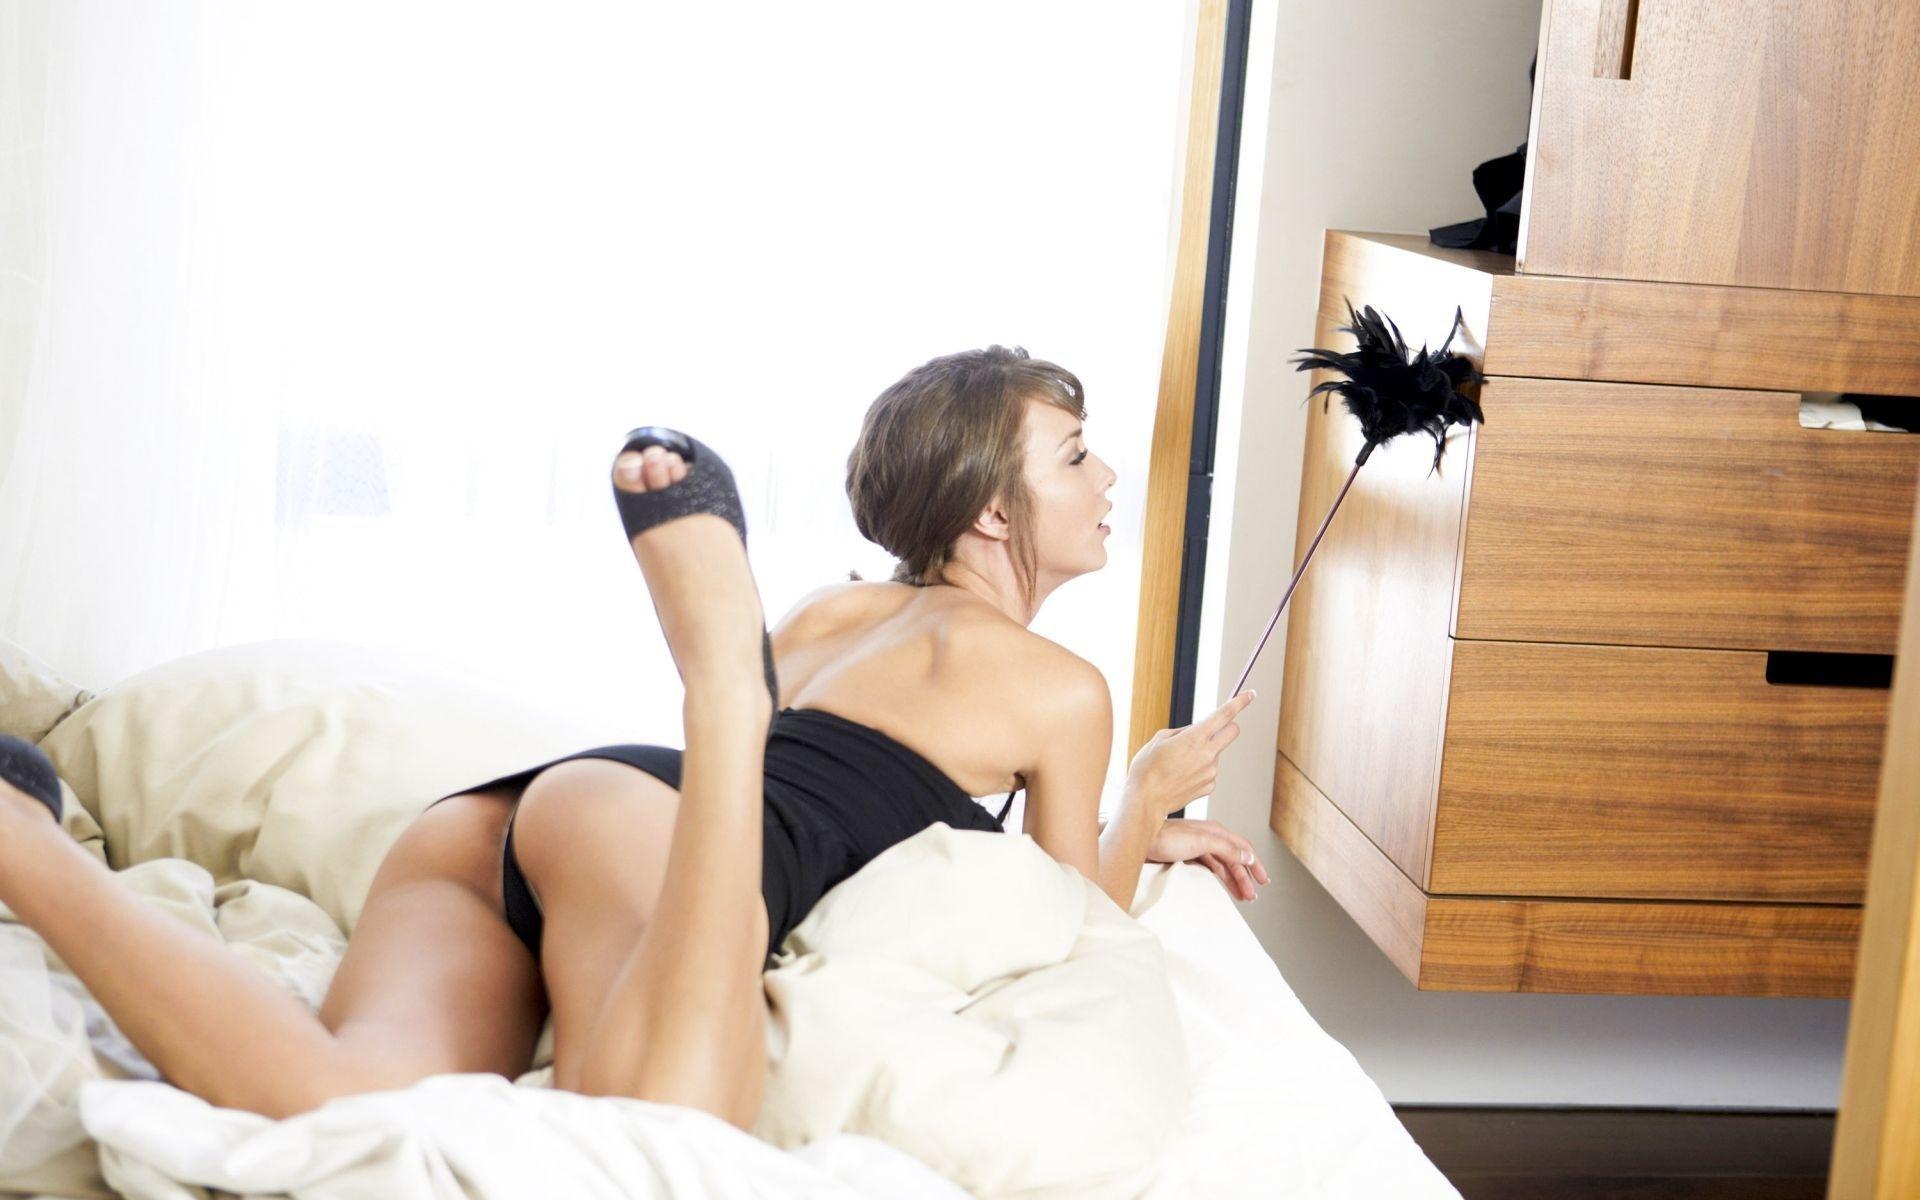 Эротика от бесстыжей голой девушки на кровати  637986